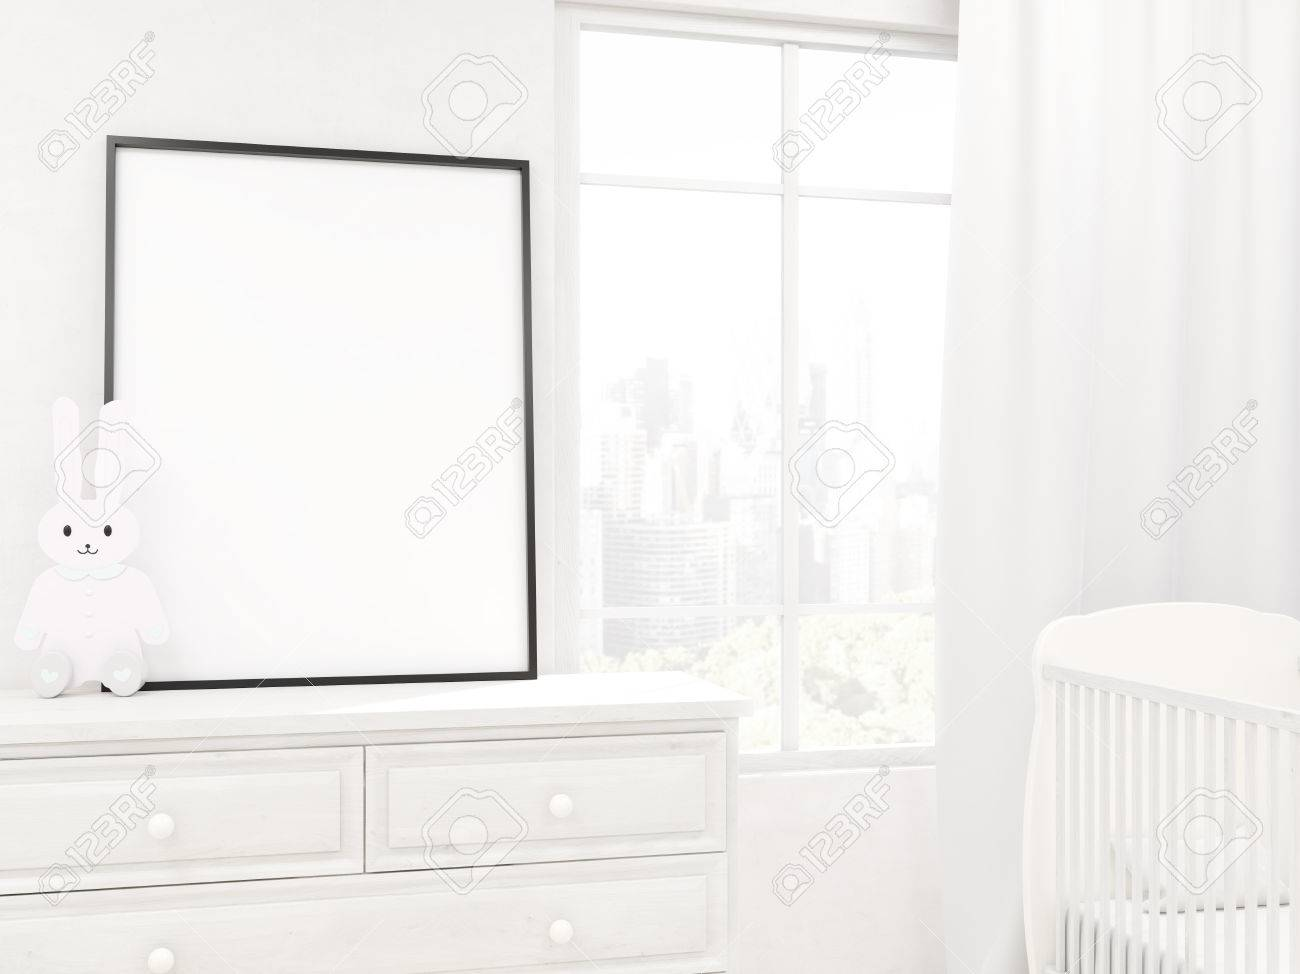 https://previews.123rf.com/images/ismagilov/ismagilov1608/ismagilov160800584/61195906-int%C3%A9rieur-de-chambre-d-enfant-avec-berceau-armoire-affiche-et-li%C3%A8ge-de-jouet-concept-de-chambre-pour-.jpg